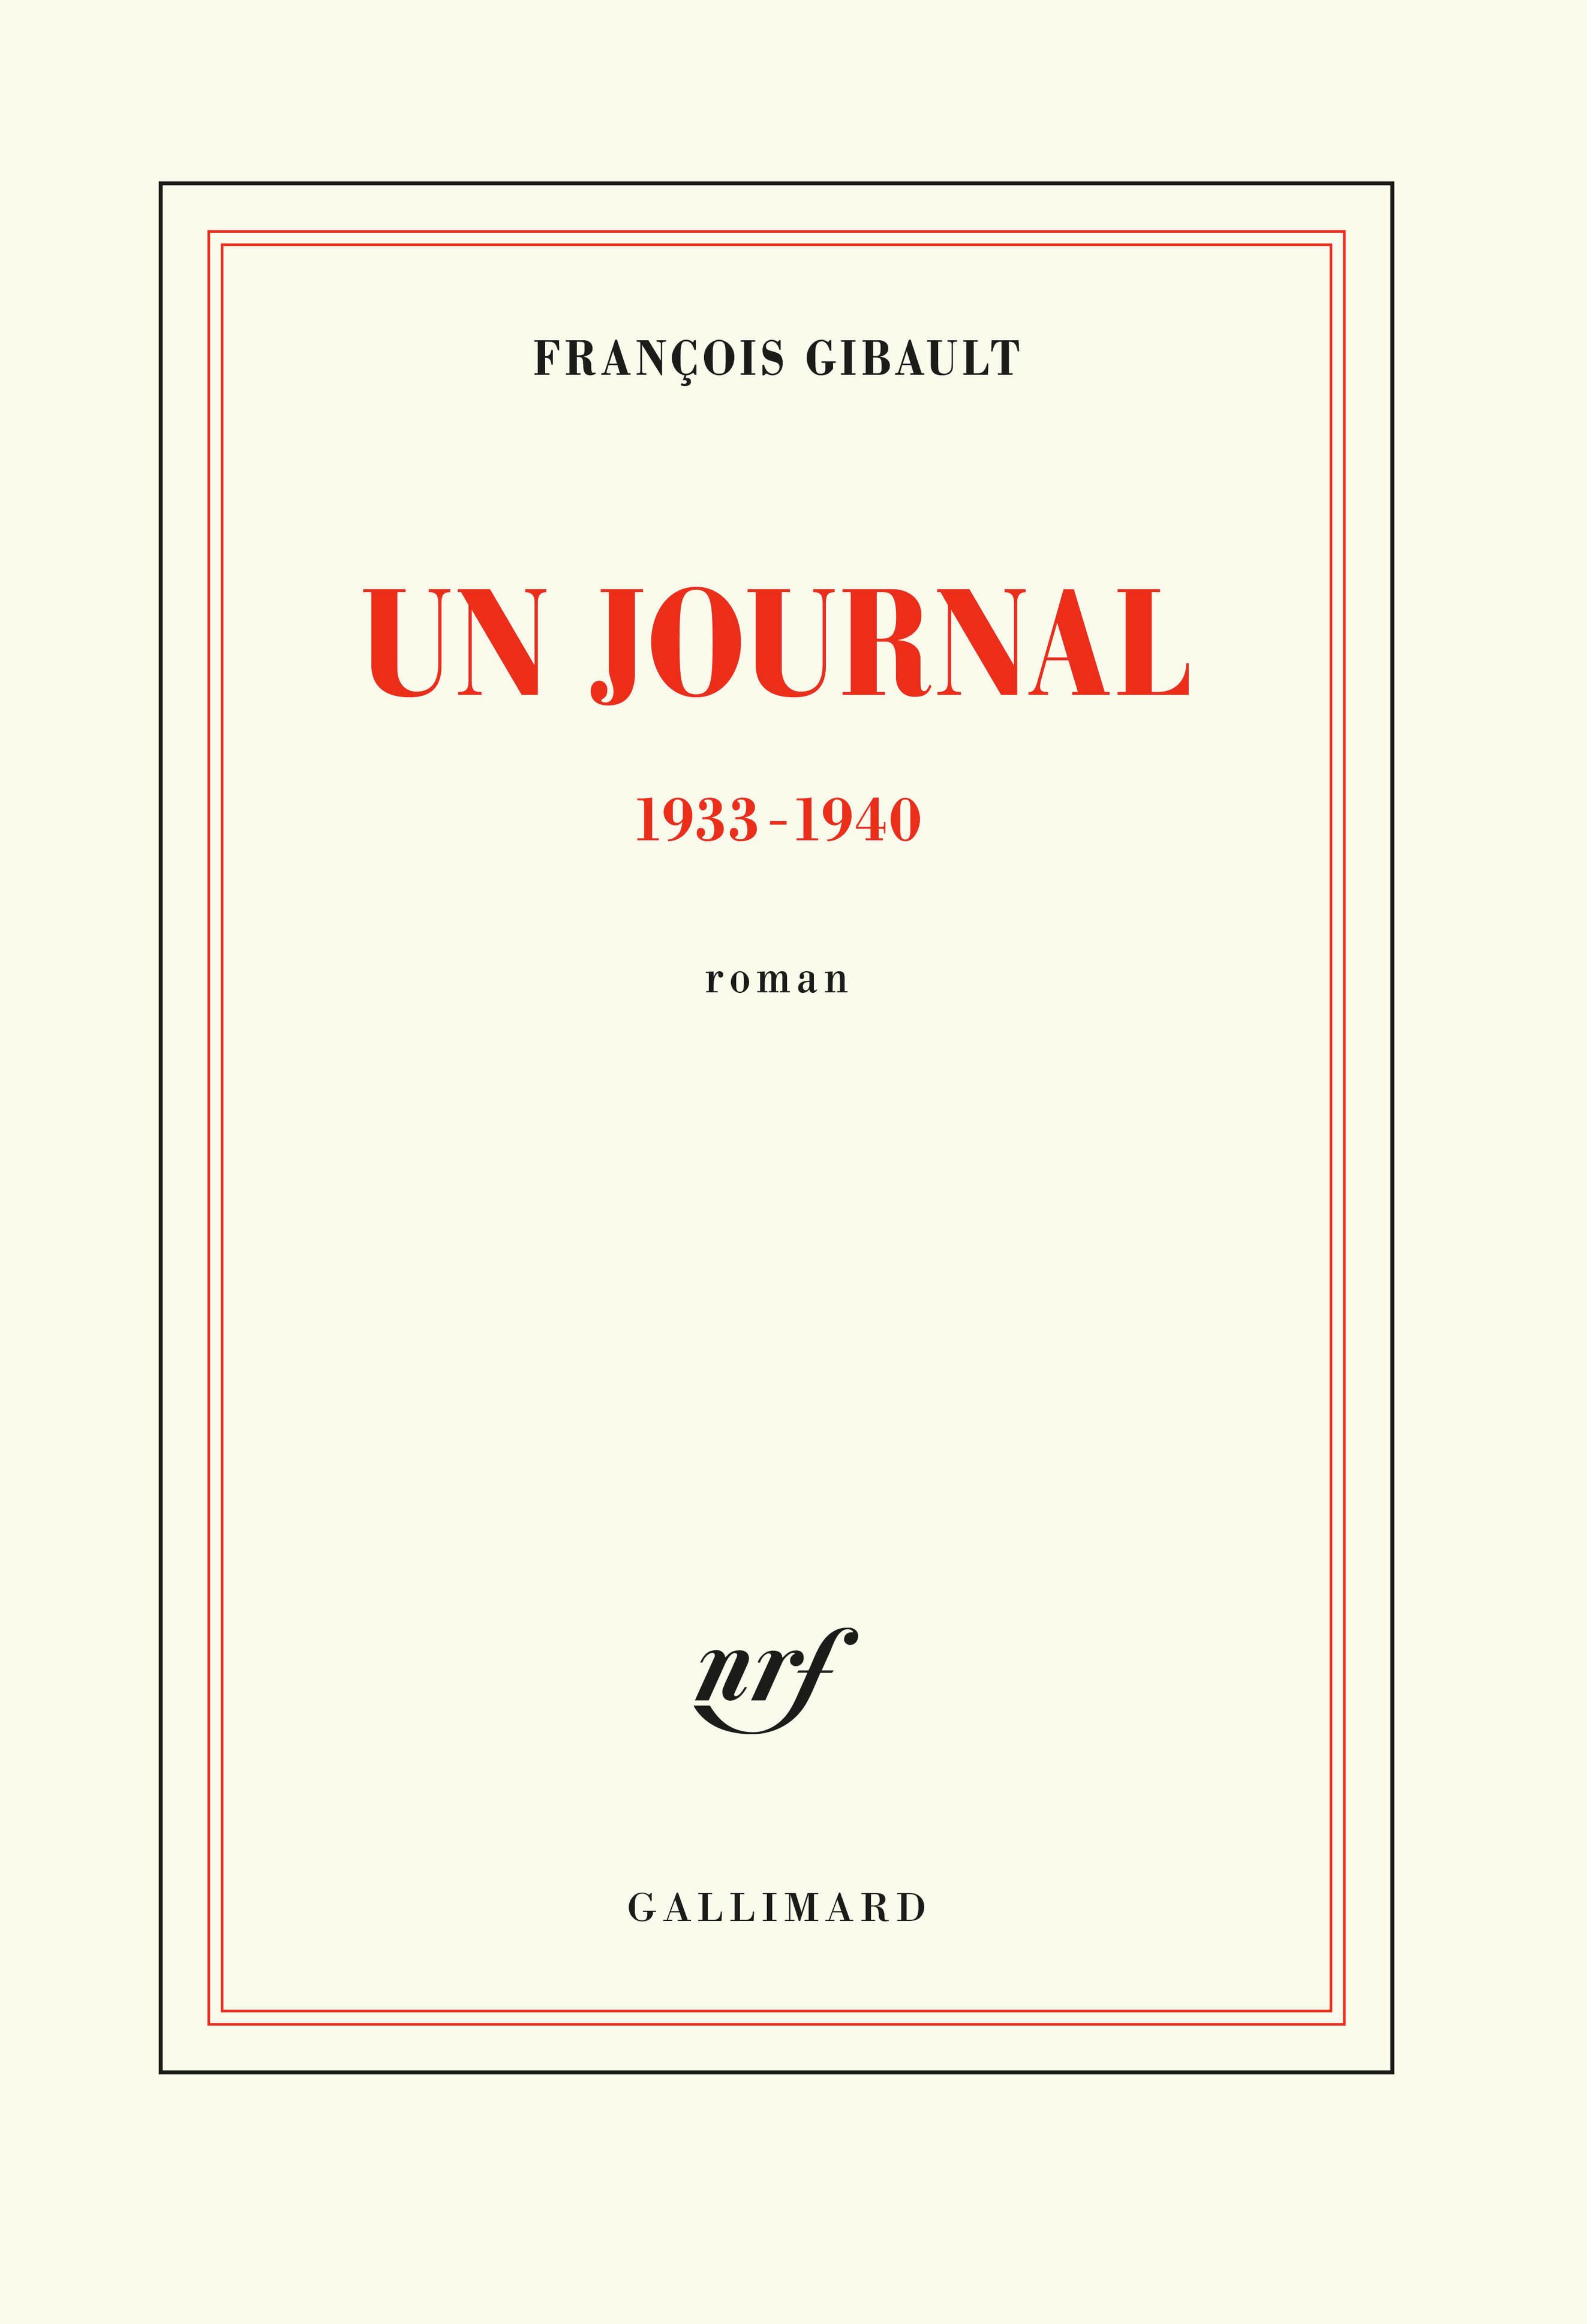 UN JOURNAL. 1933-1940